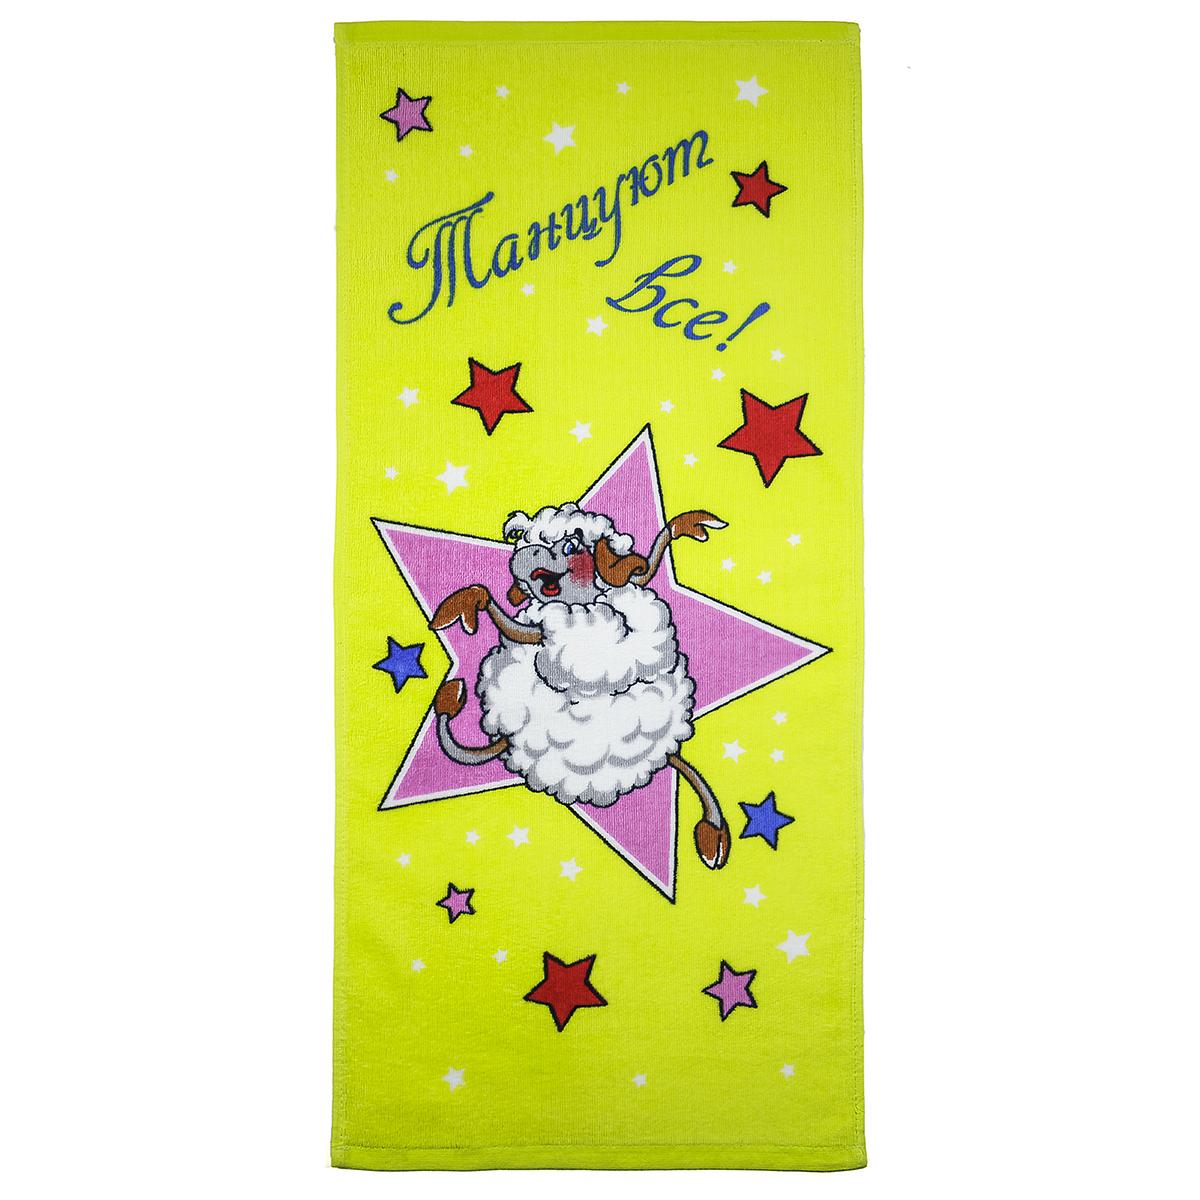 Полотенце Танцуют все!, цвет Розовый, размер 34х78 смМахровые полотенца<br>Плотность ткани:360 г/кв. м.<br><br>Тип: Полотенце<br>Размер: 34х78<br>Материал: Велюр